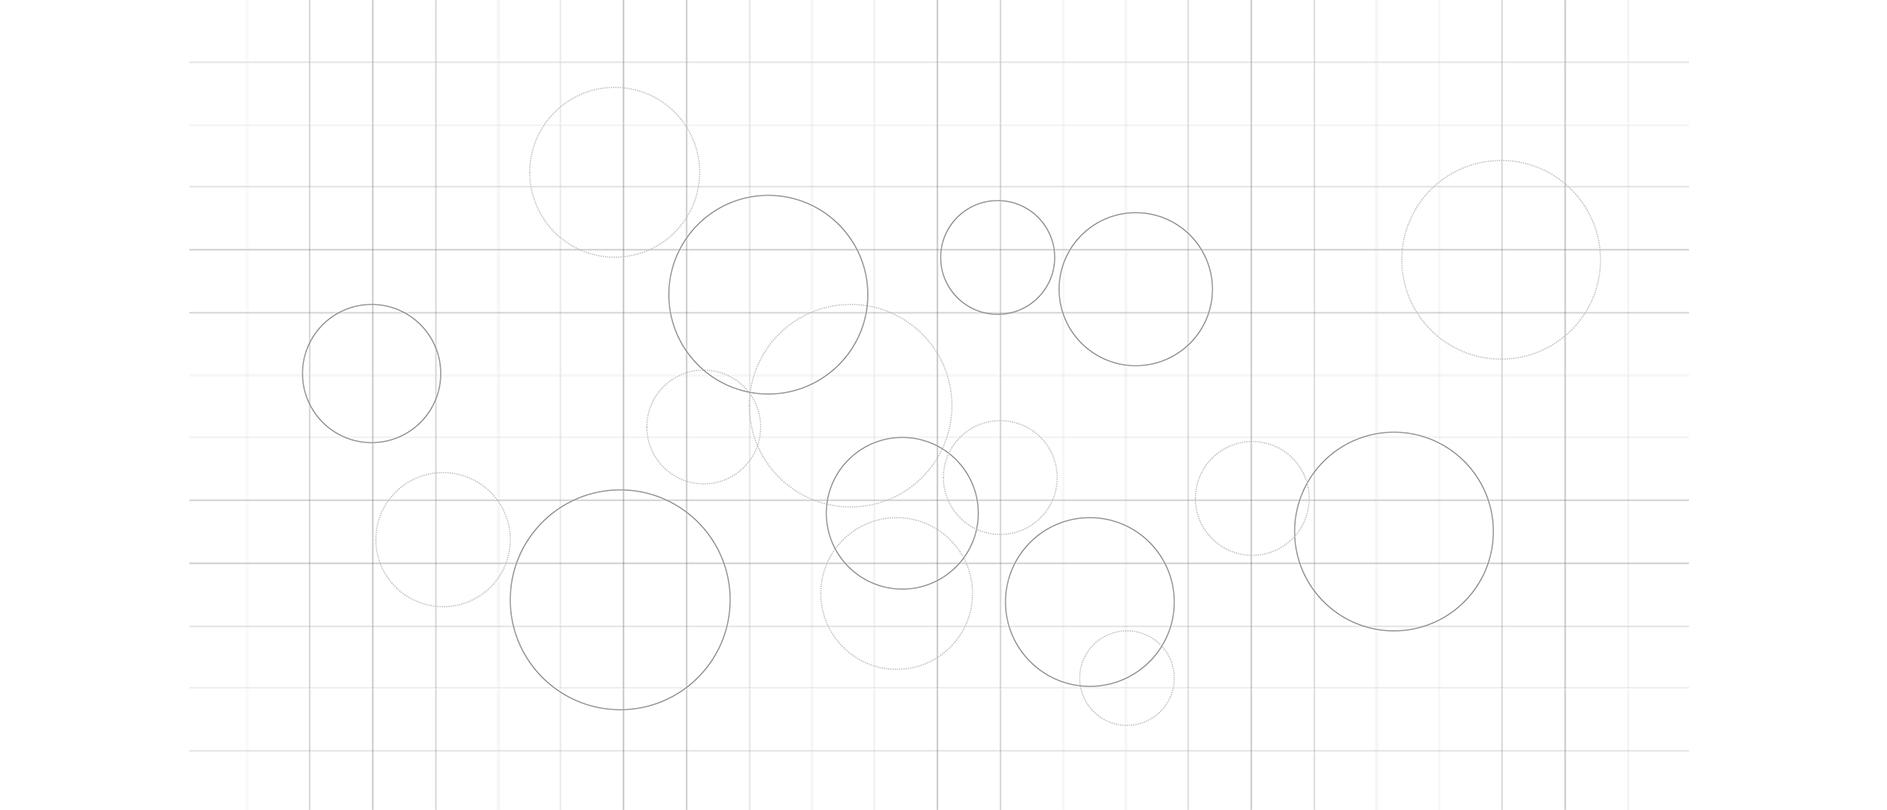 圆圈.jpg